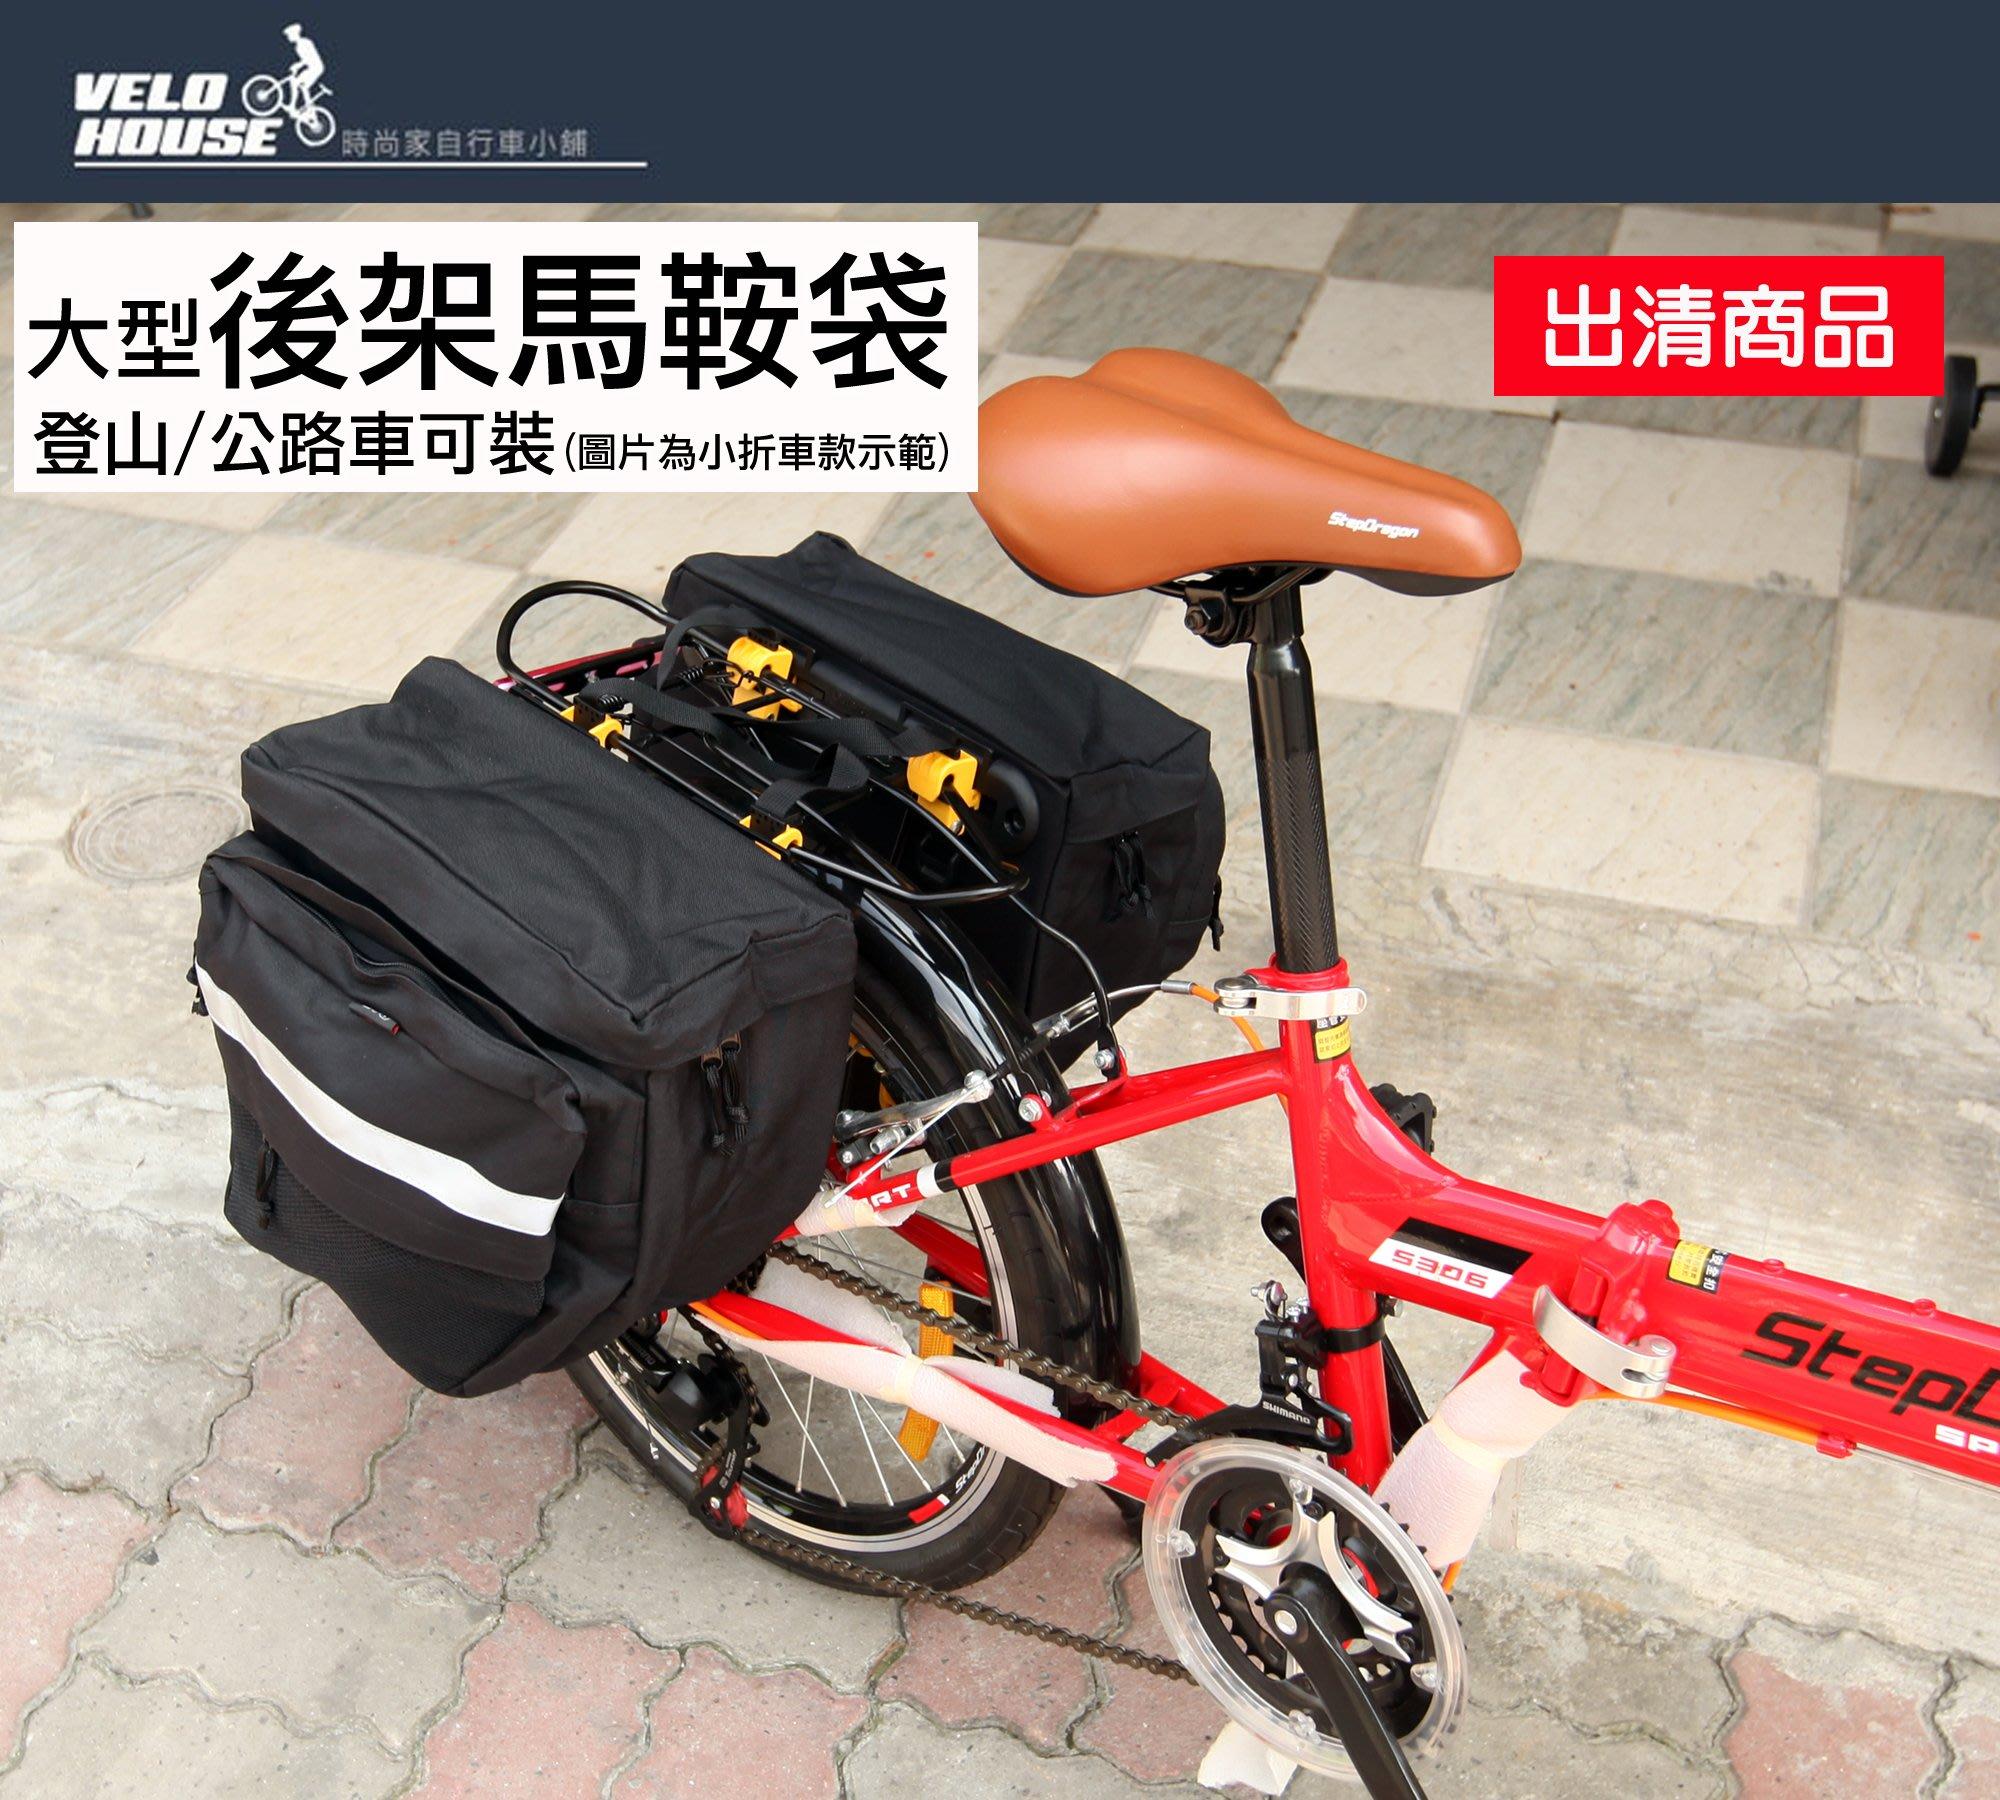 【飛輪單車】EVG 大型後架馬鞍袋 環島袋 雙邊後貨架包 可手提[36009080](出清商品)